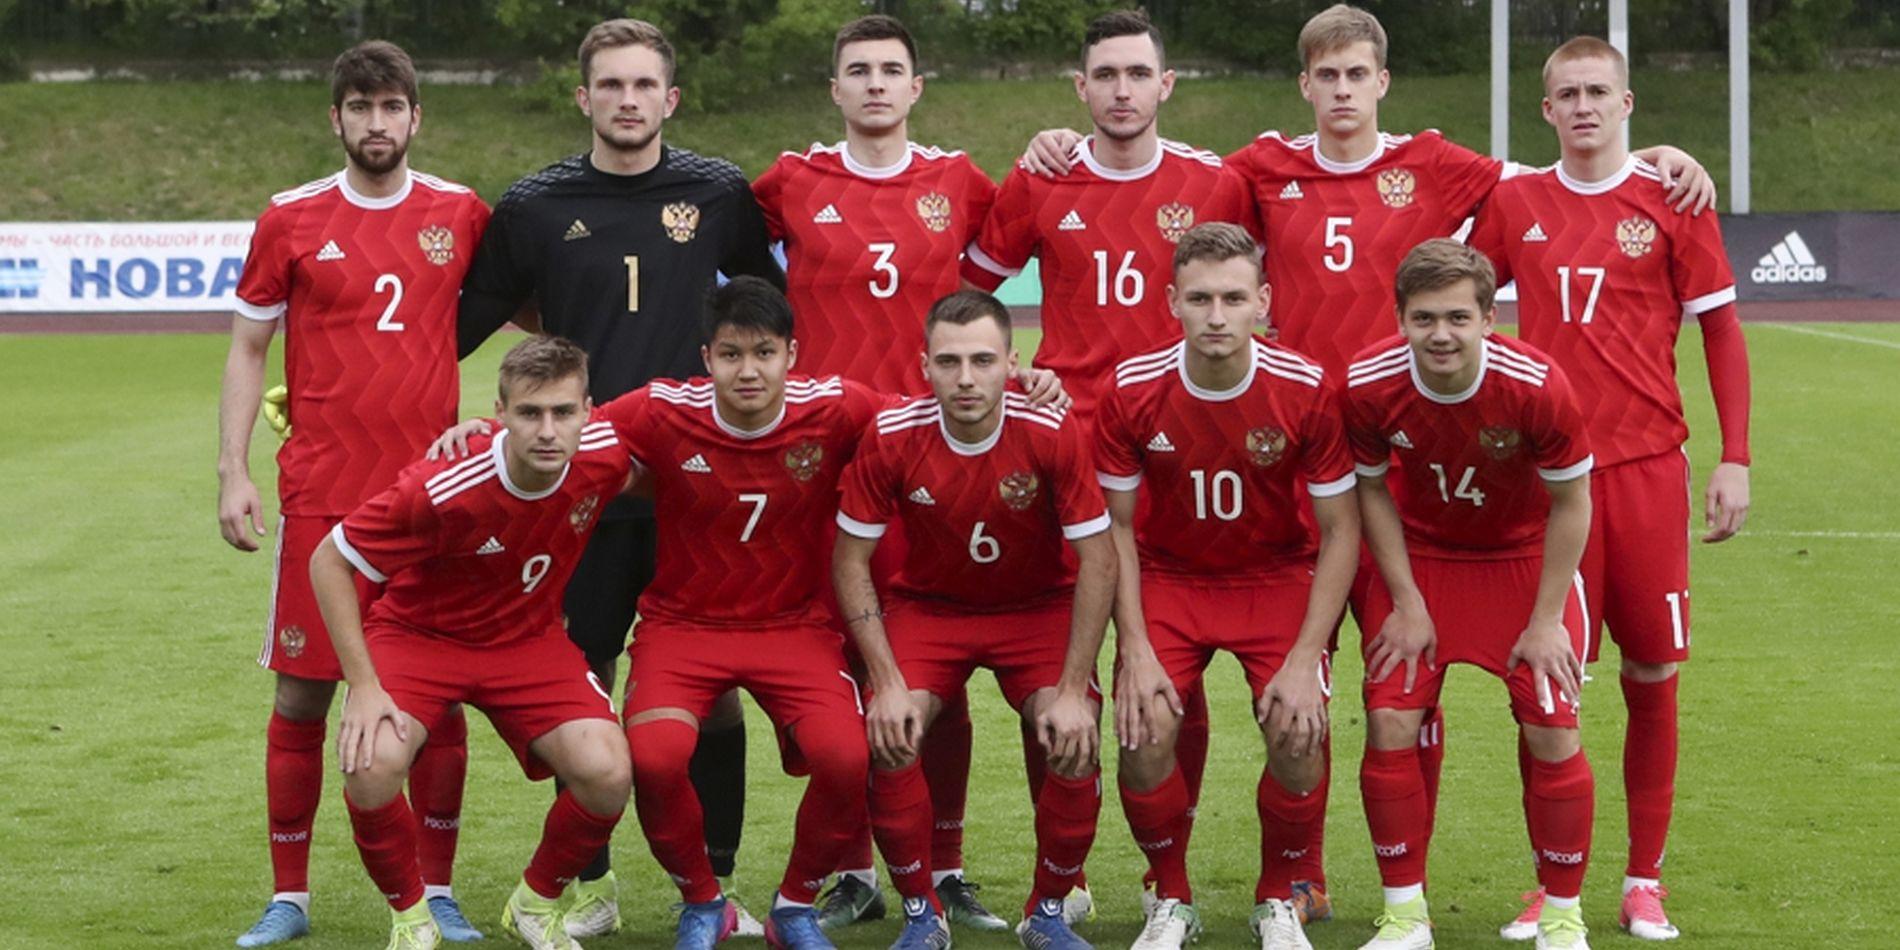 ИгрокиФК «Уфа» всоставе сборной Российской Федерации одержали разгромную победу над республикой Беларусь